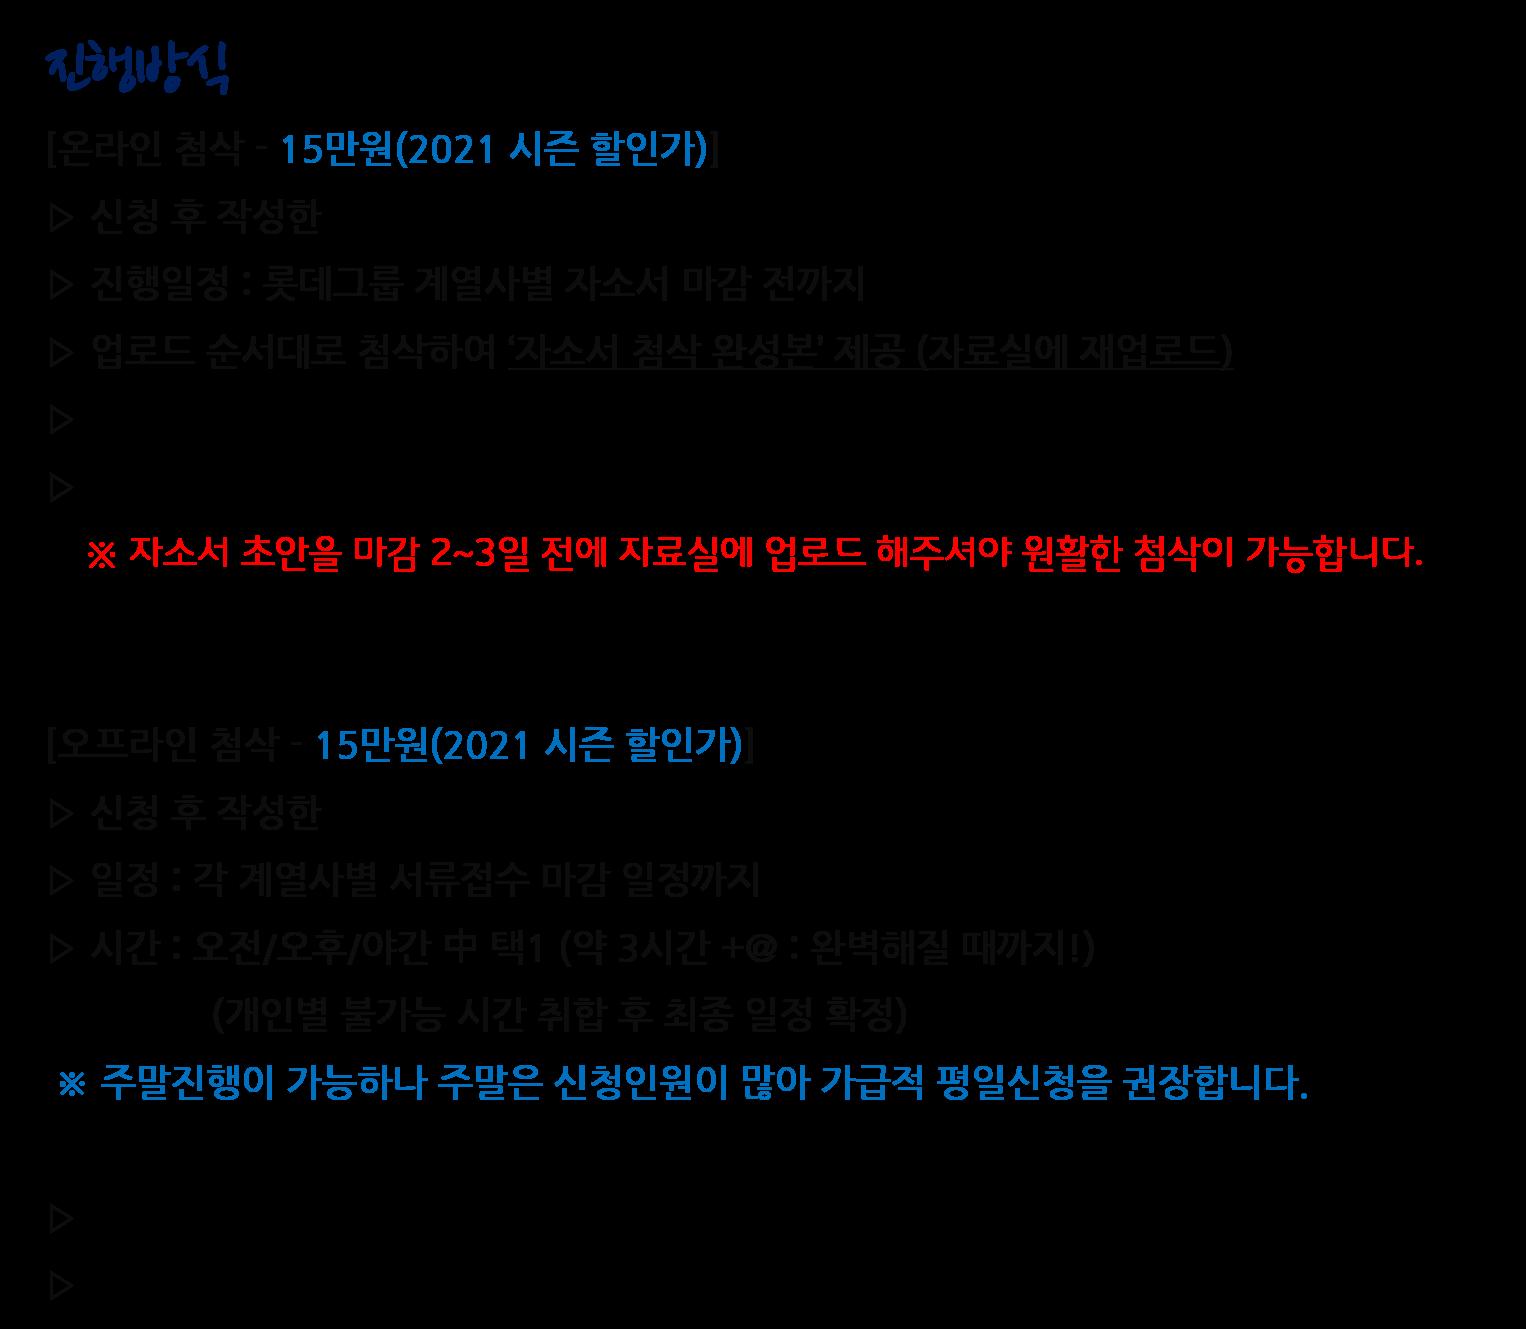 롯데자소서첨삭반_커리어비전03.png